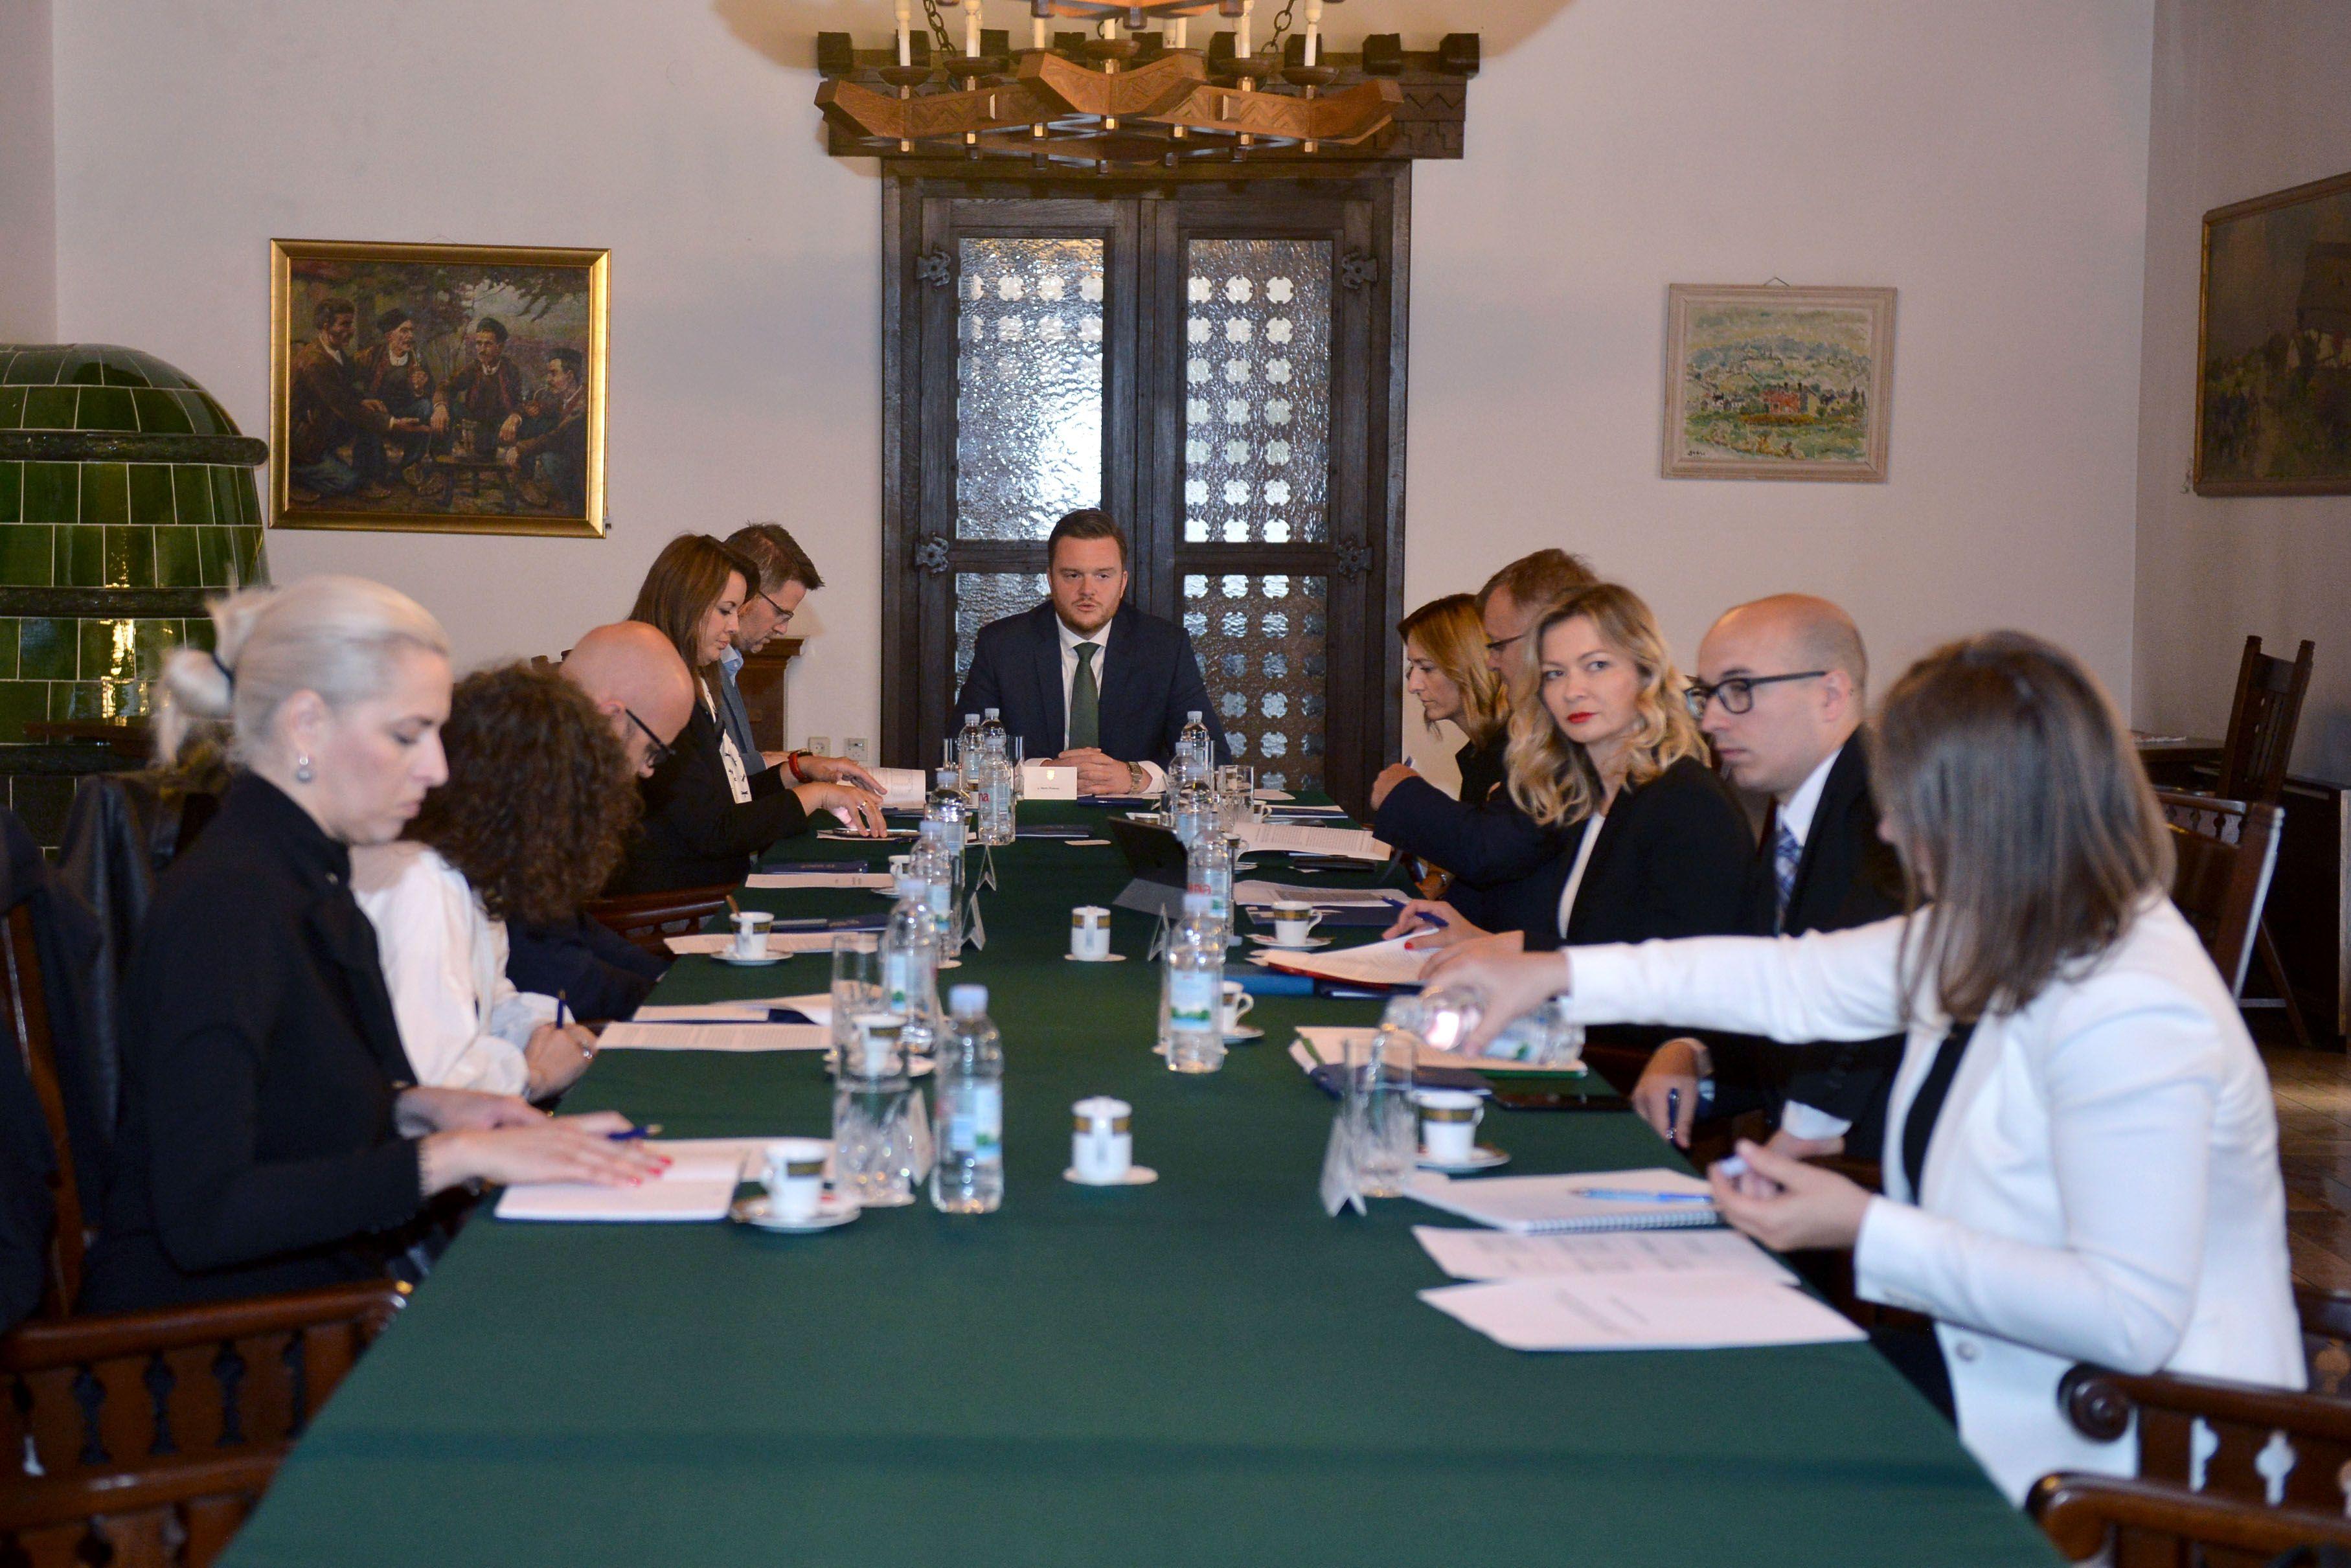 Održana druga radna sjednica Radne skupine Predsjednice Grabar-Kitarović za izradu smjernica za daljnju fiskalnu decentralizaciju i regionalni razvoj Republike Hrvatske